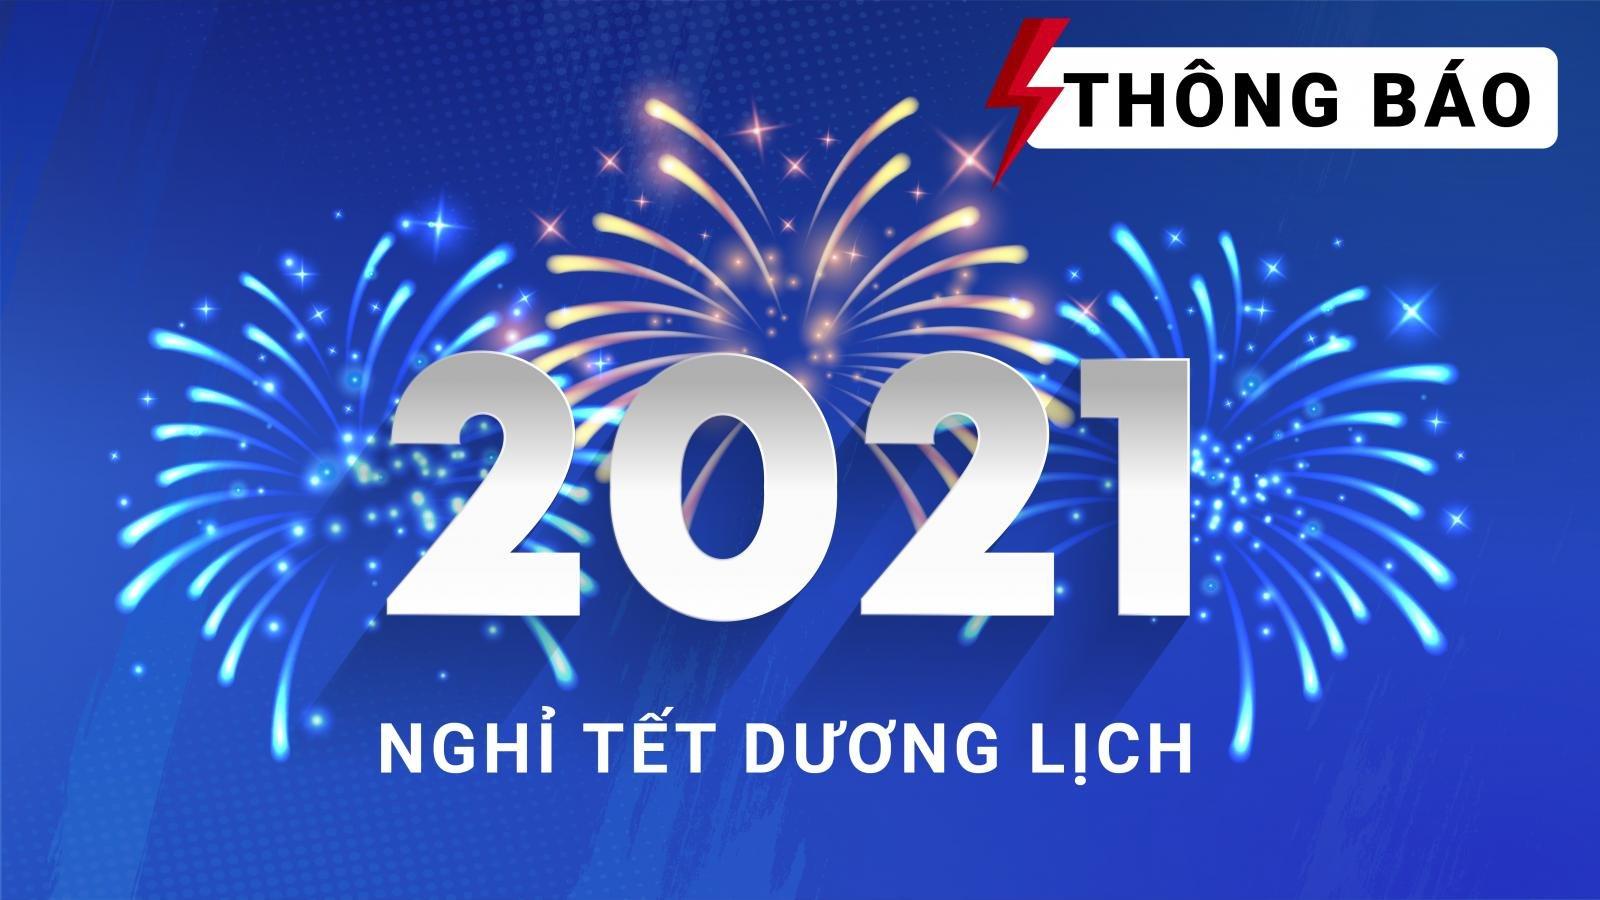 Oto.com.vn thông báo nghỉ Tết Dương lịch 2021